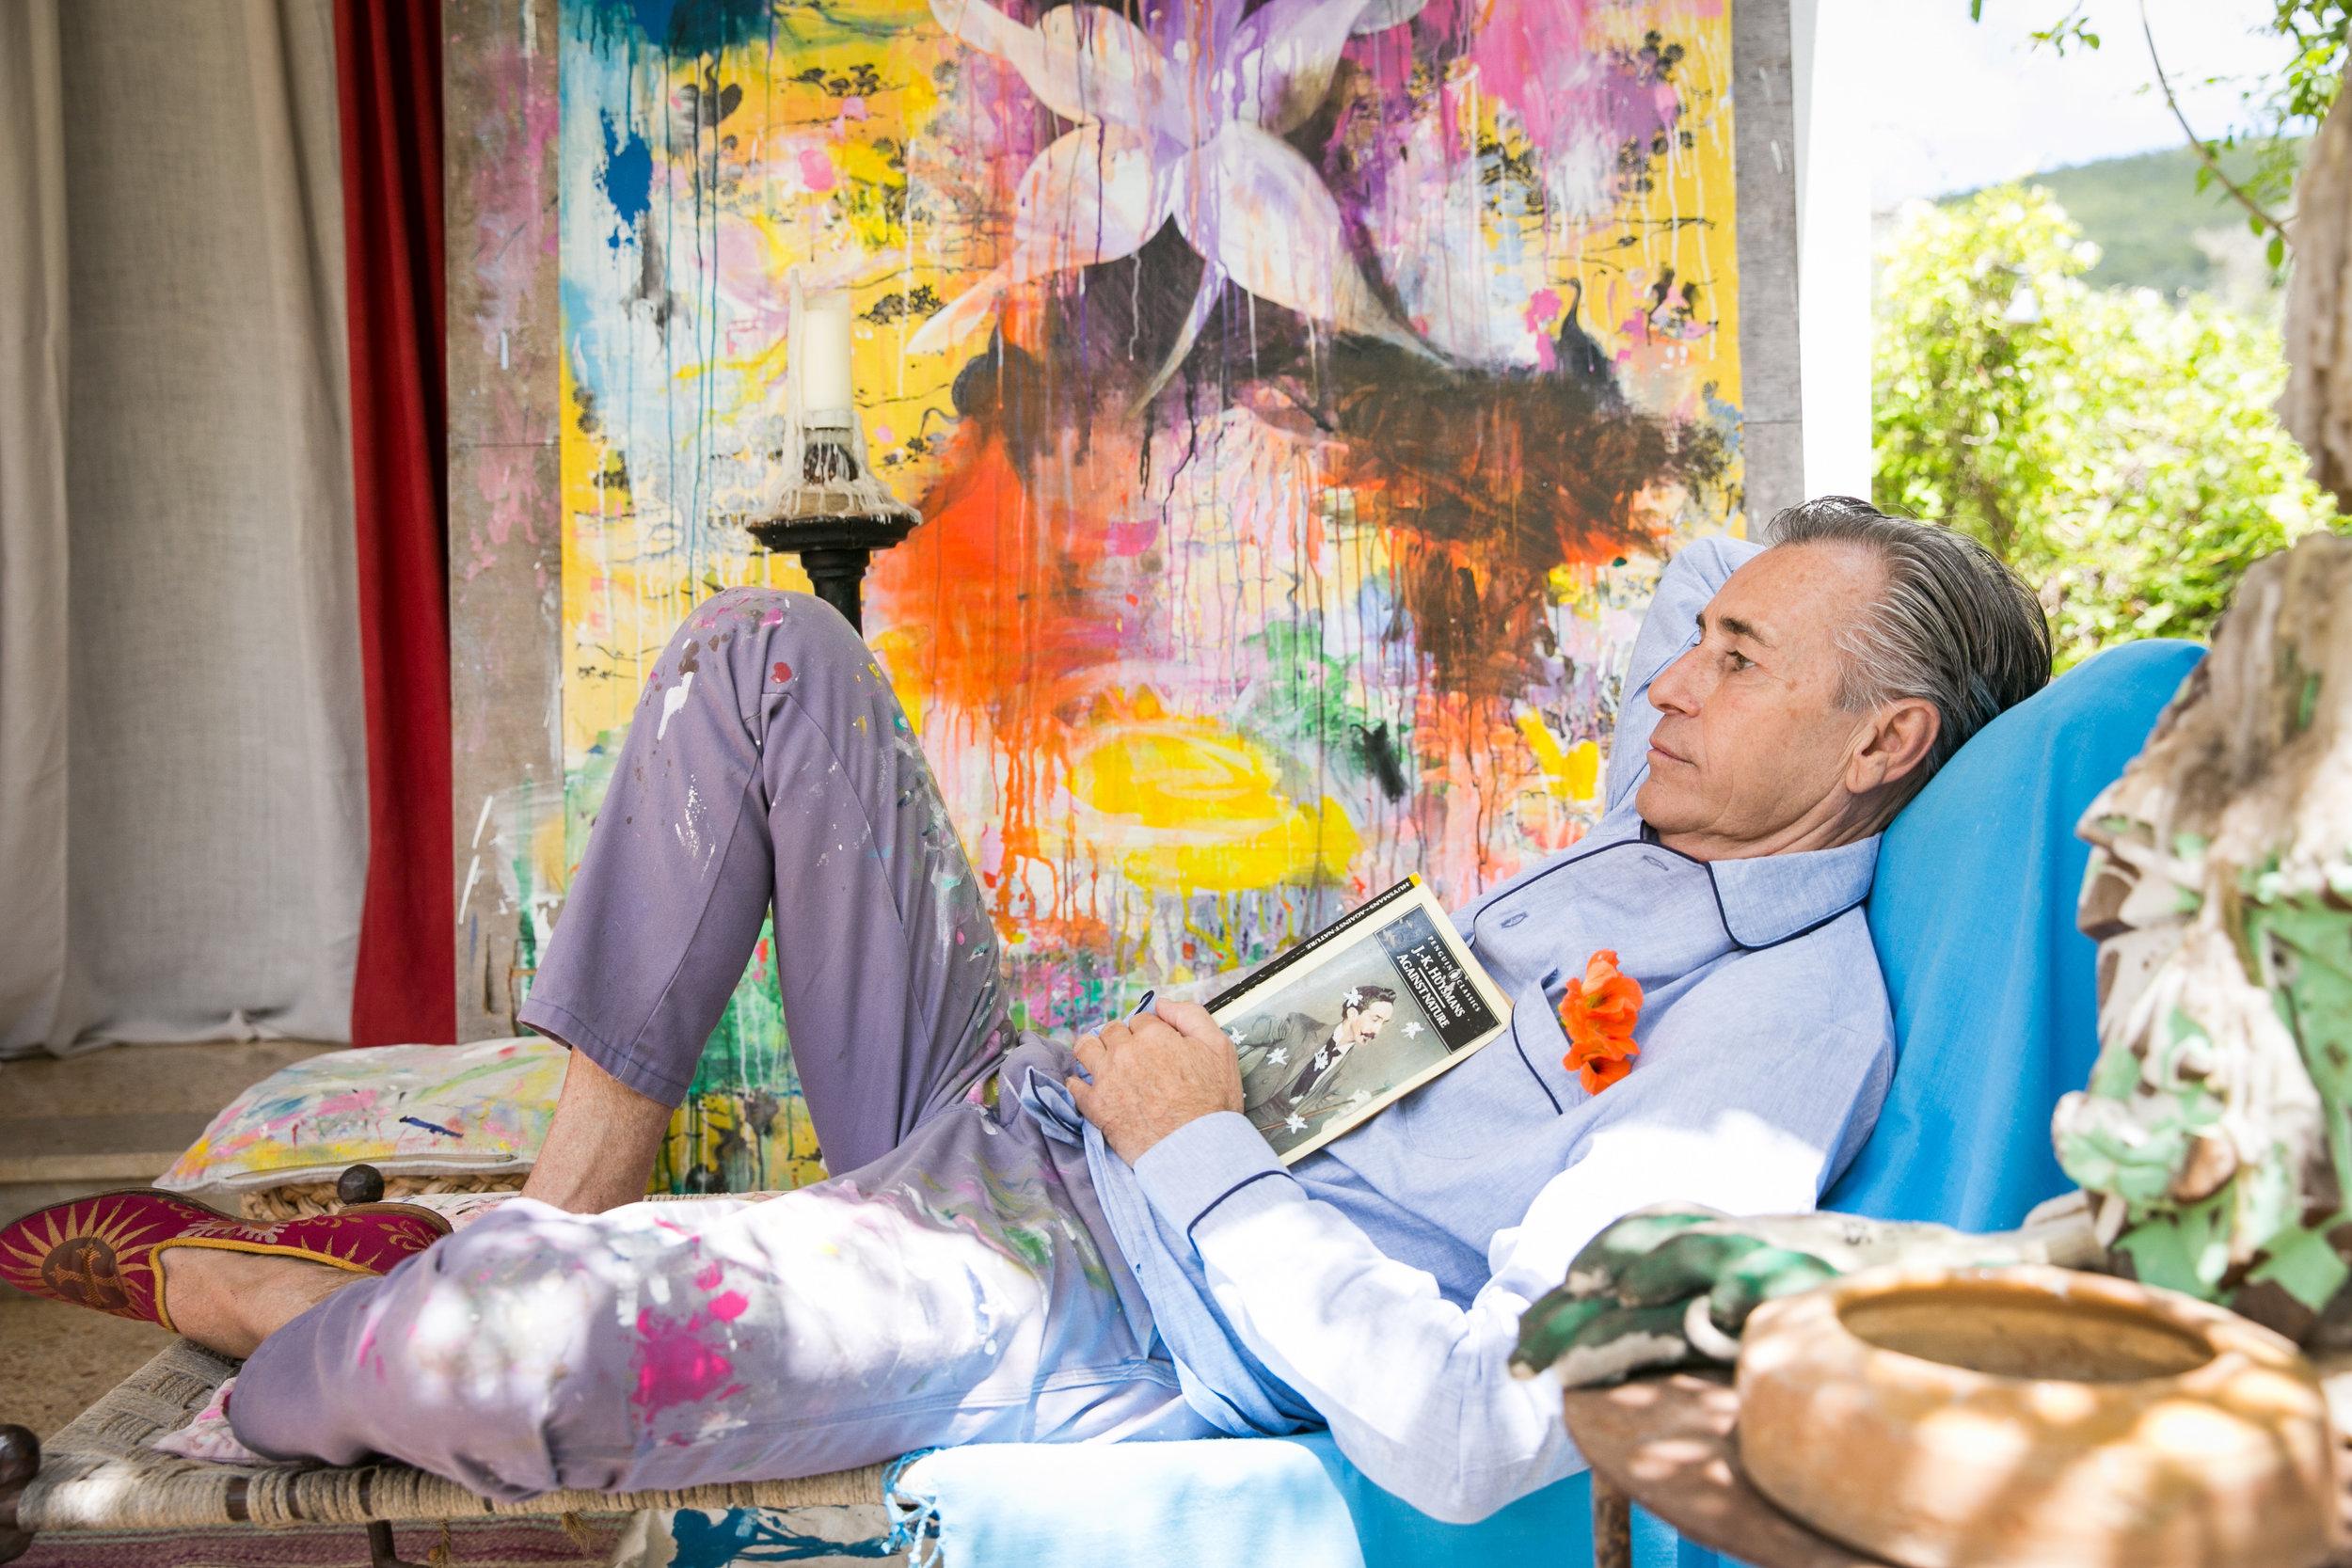 Grillo Demo at his home in Ibiza.